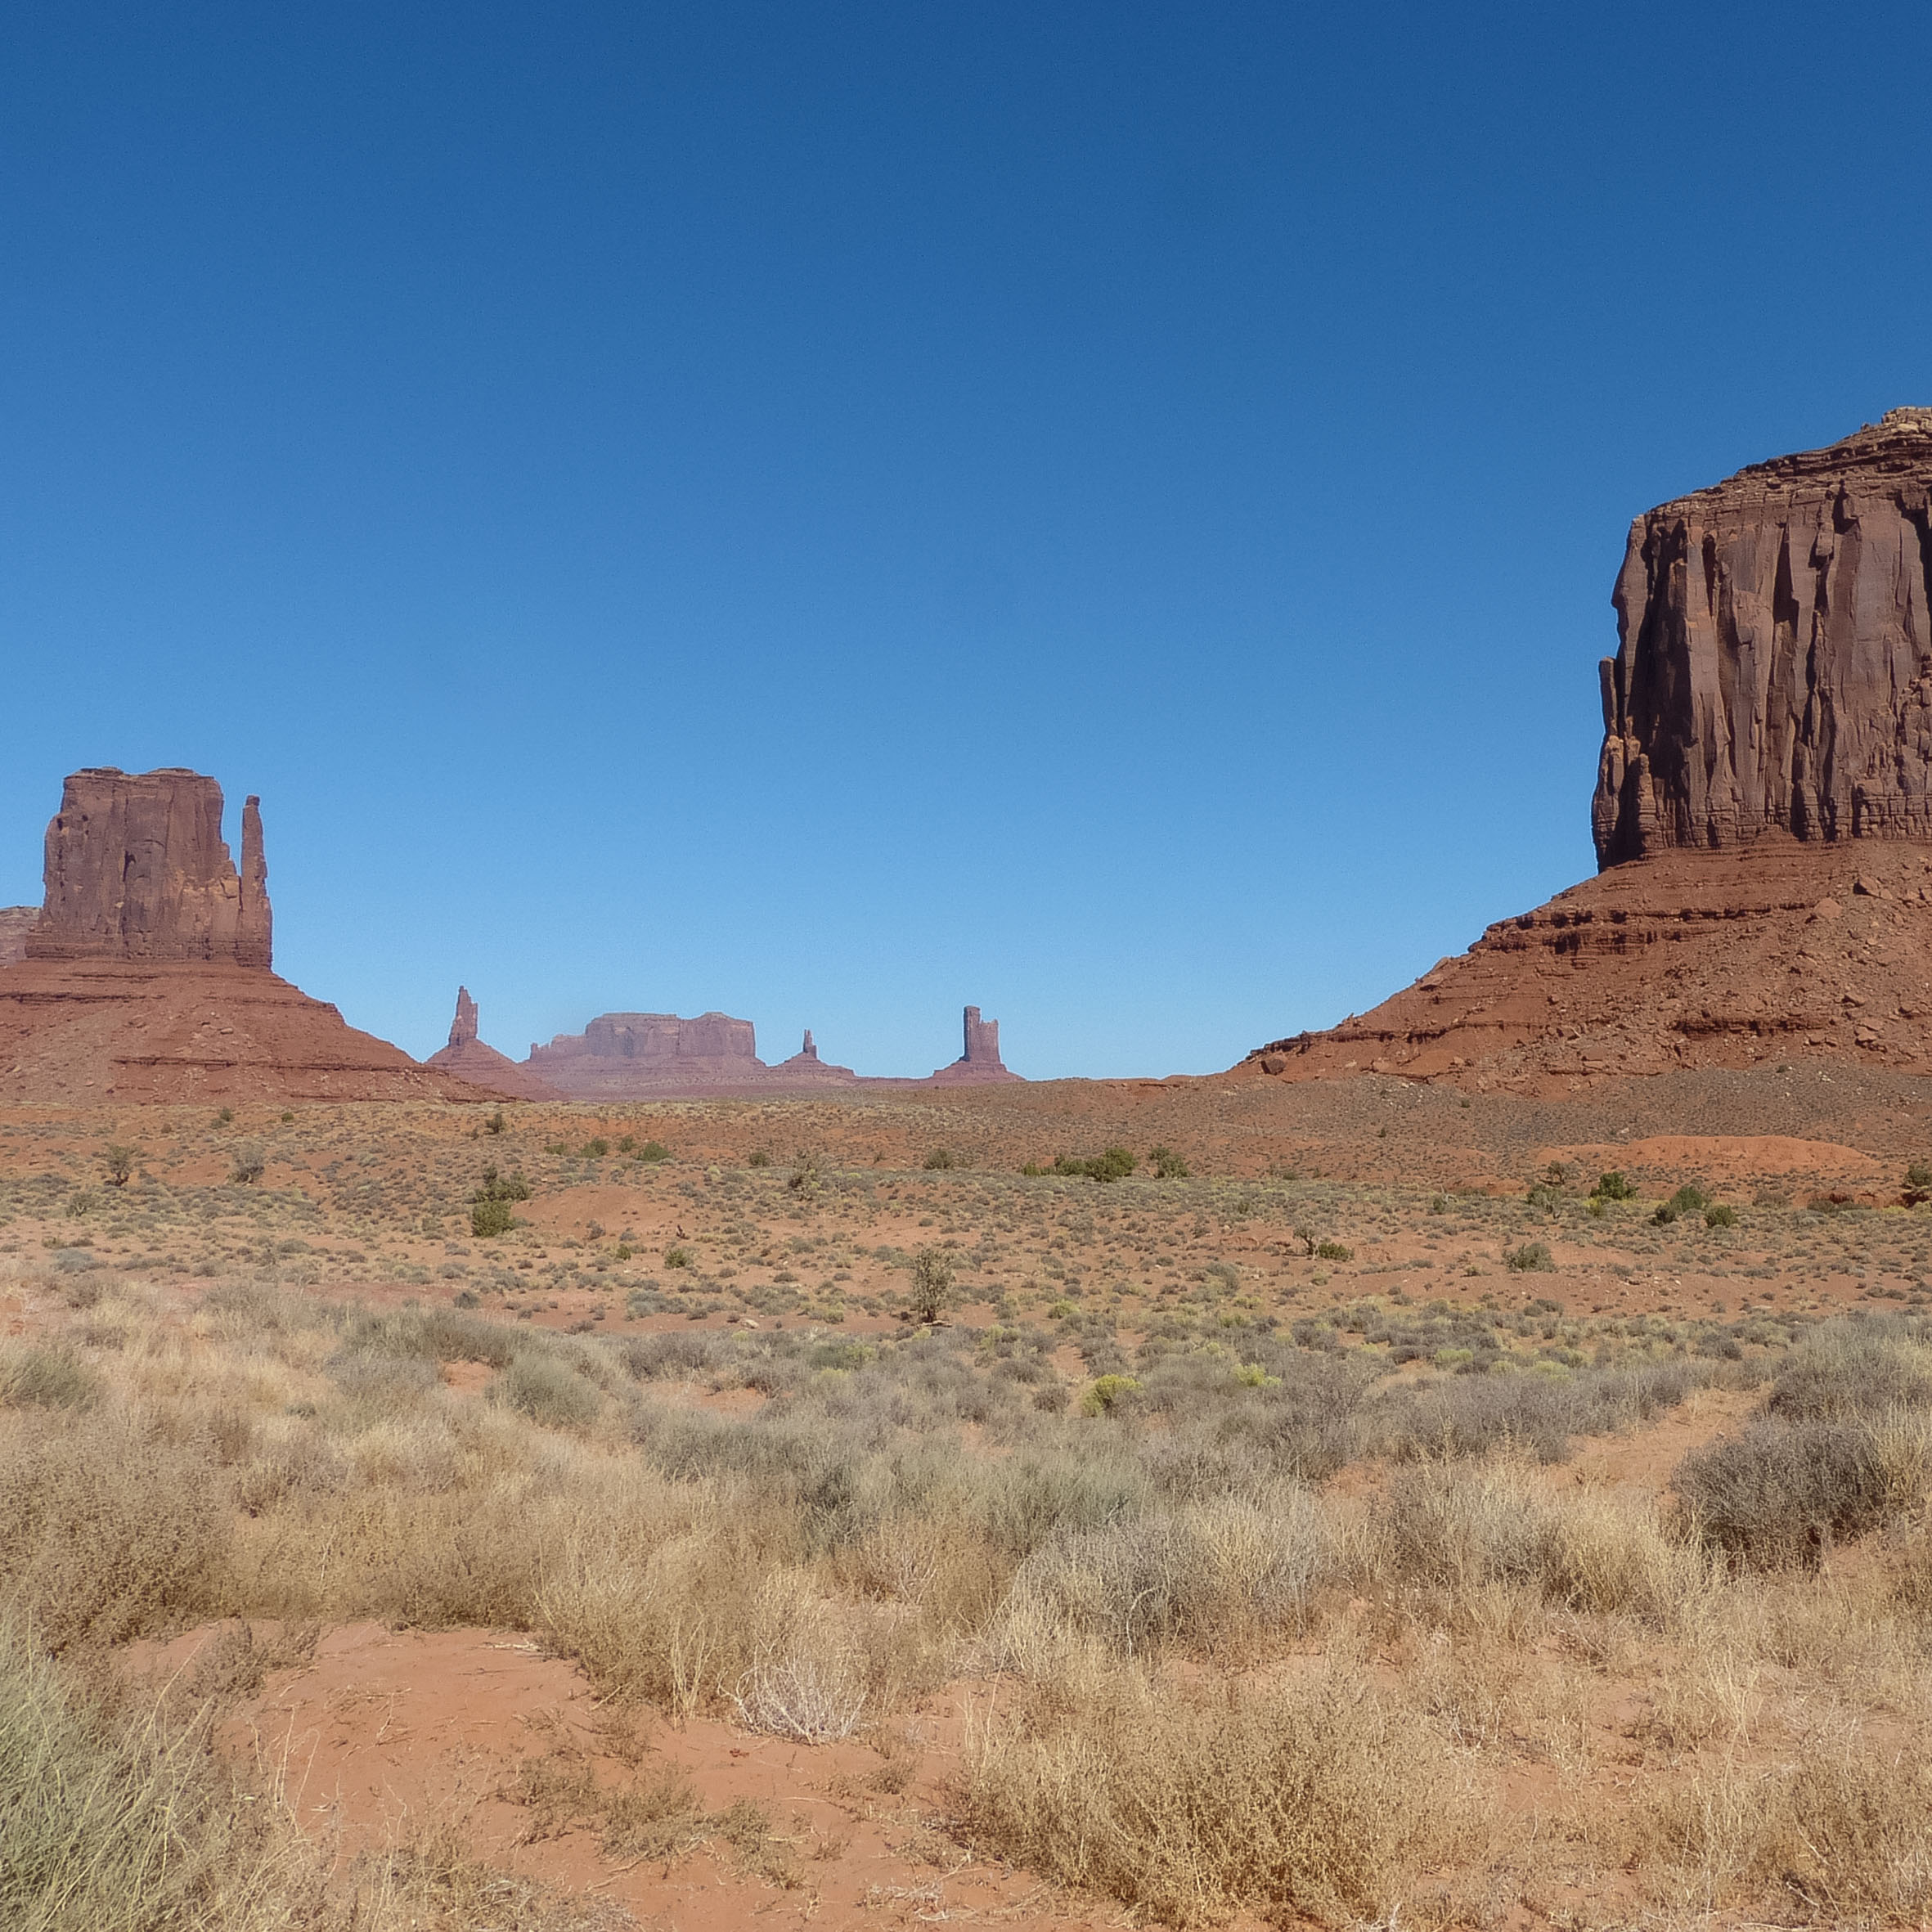 K19_329_Arizona_2